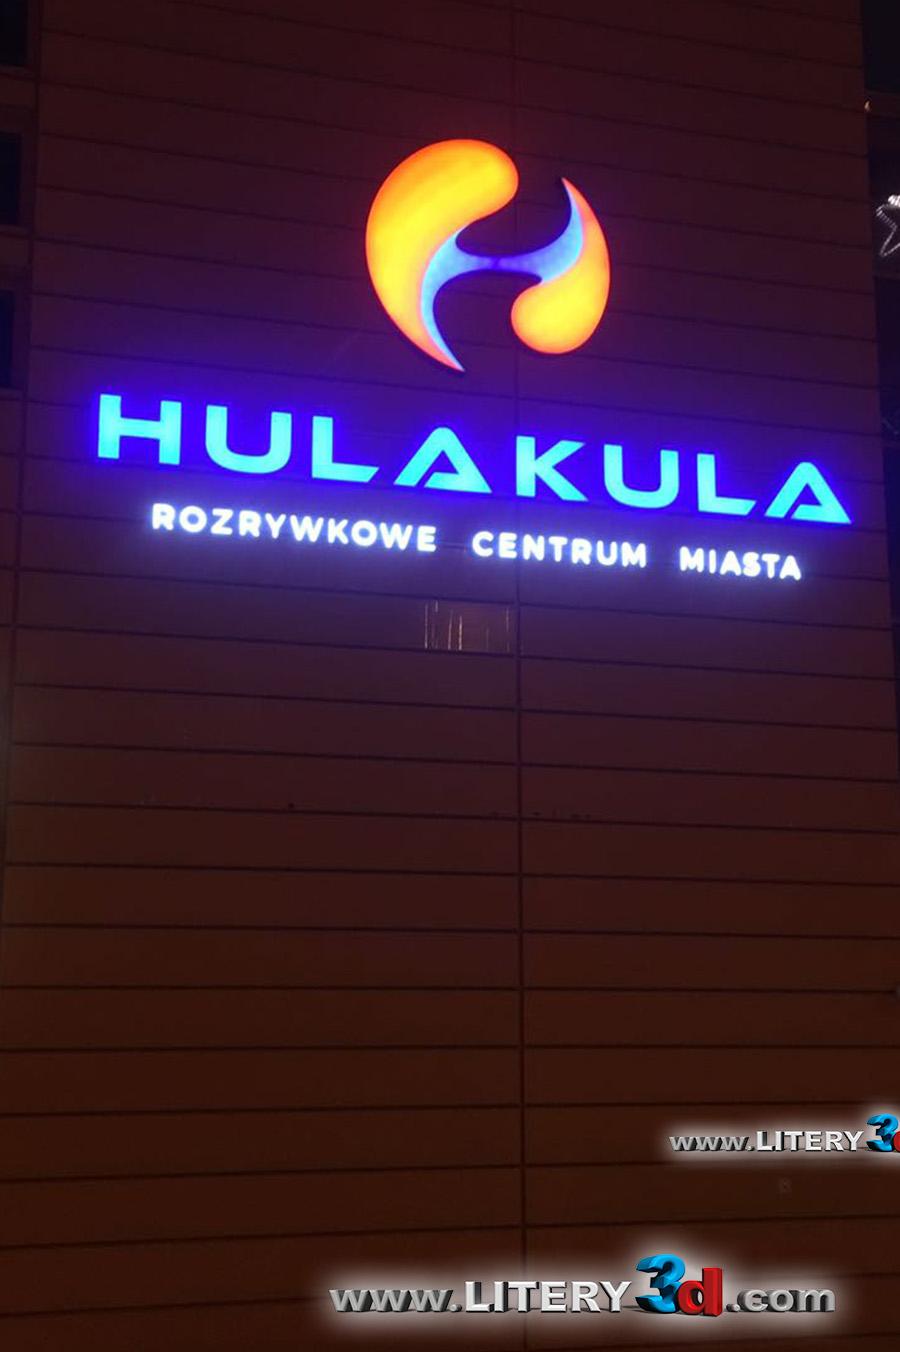 HULAKULA_4